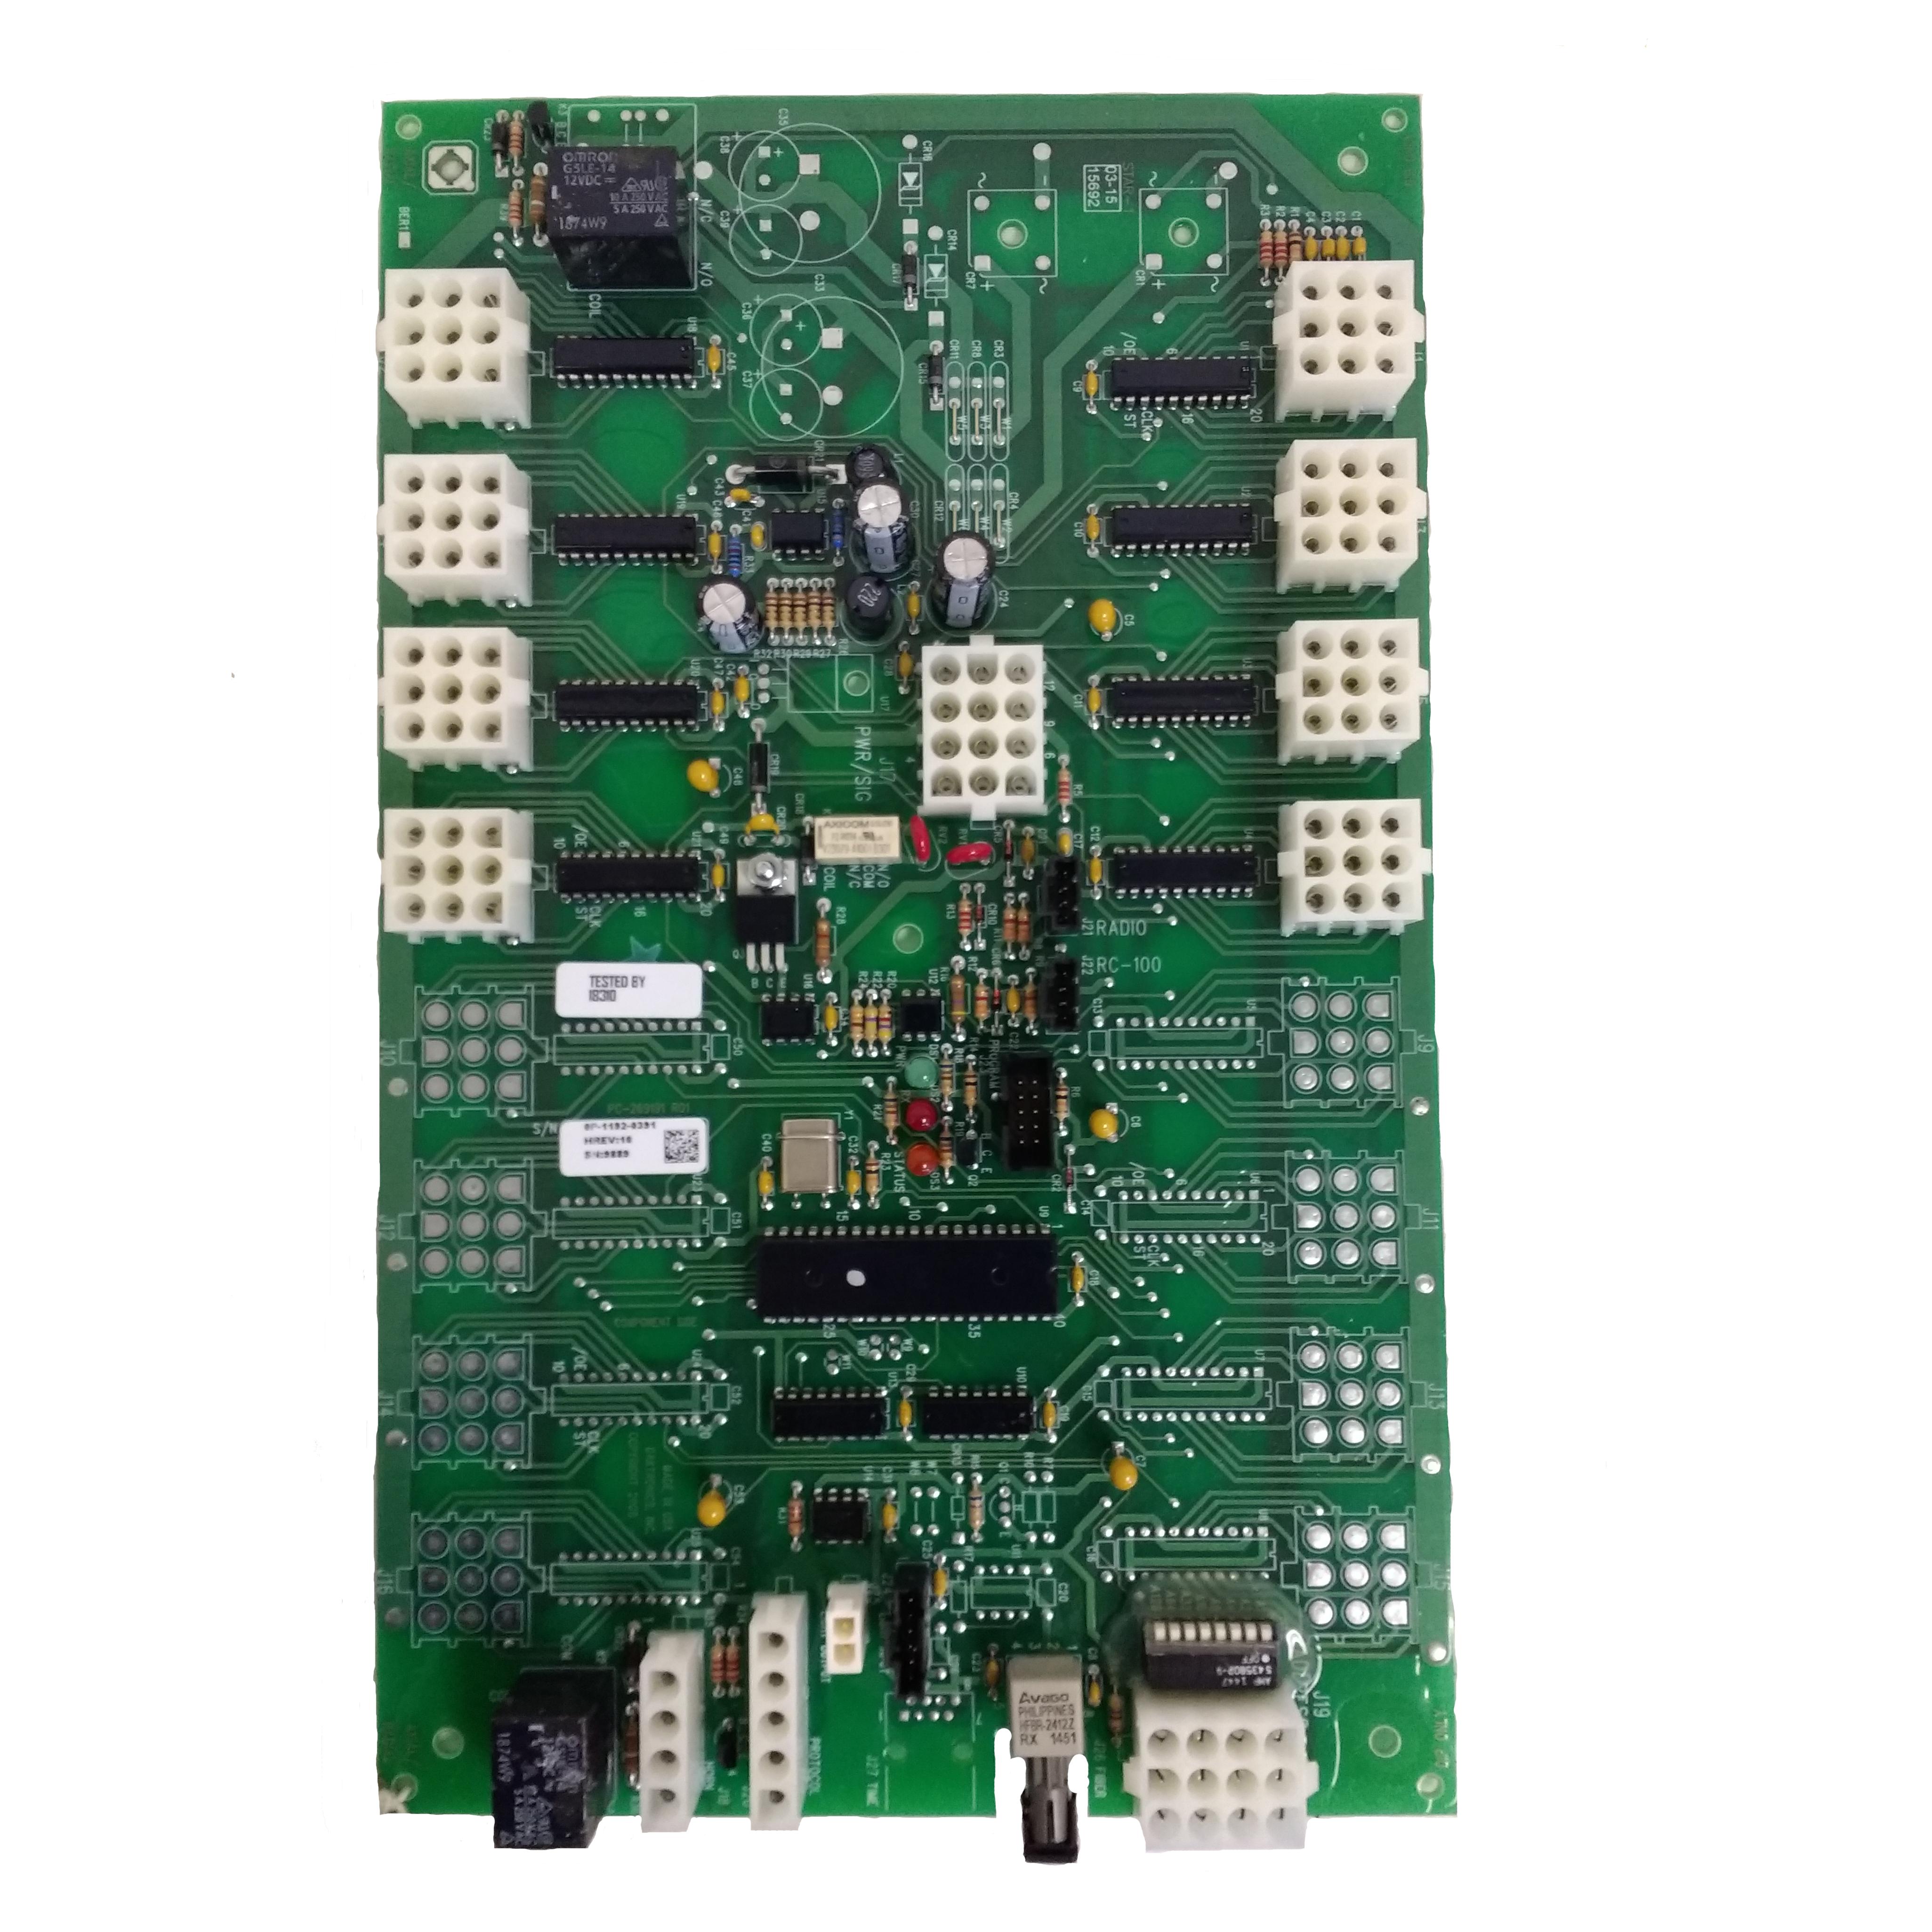 Daktronics-0P-1192-0391-LED-Driver